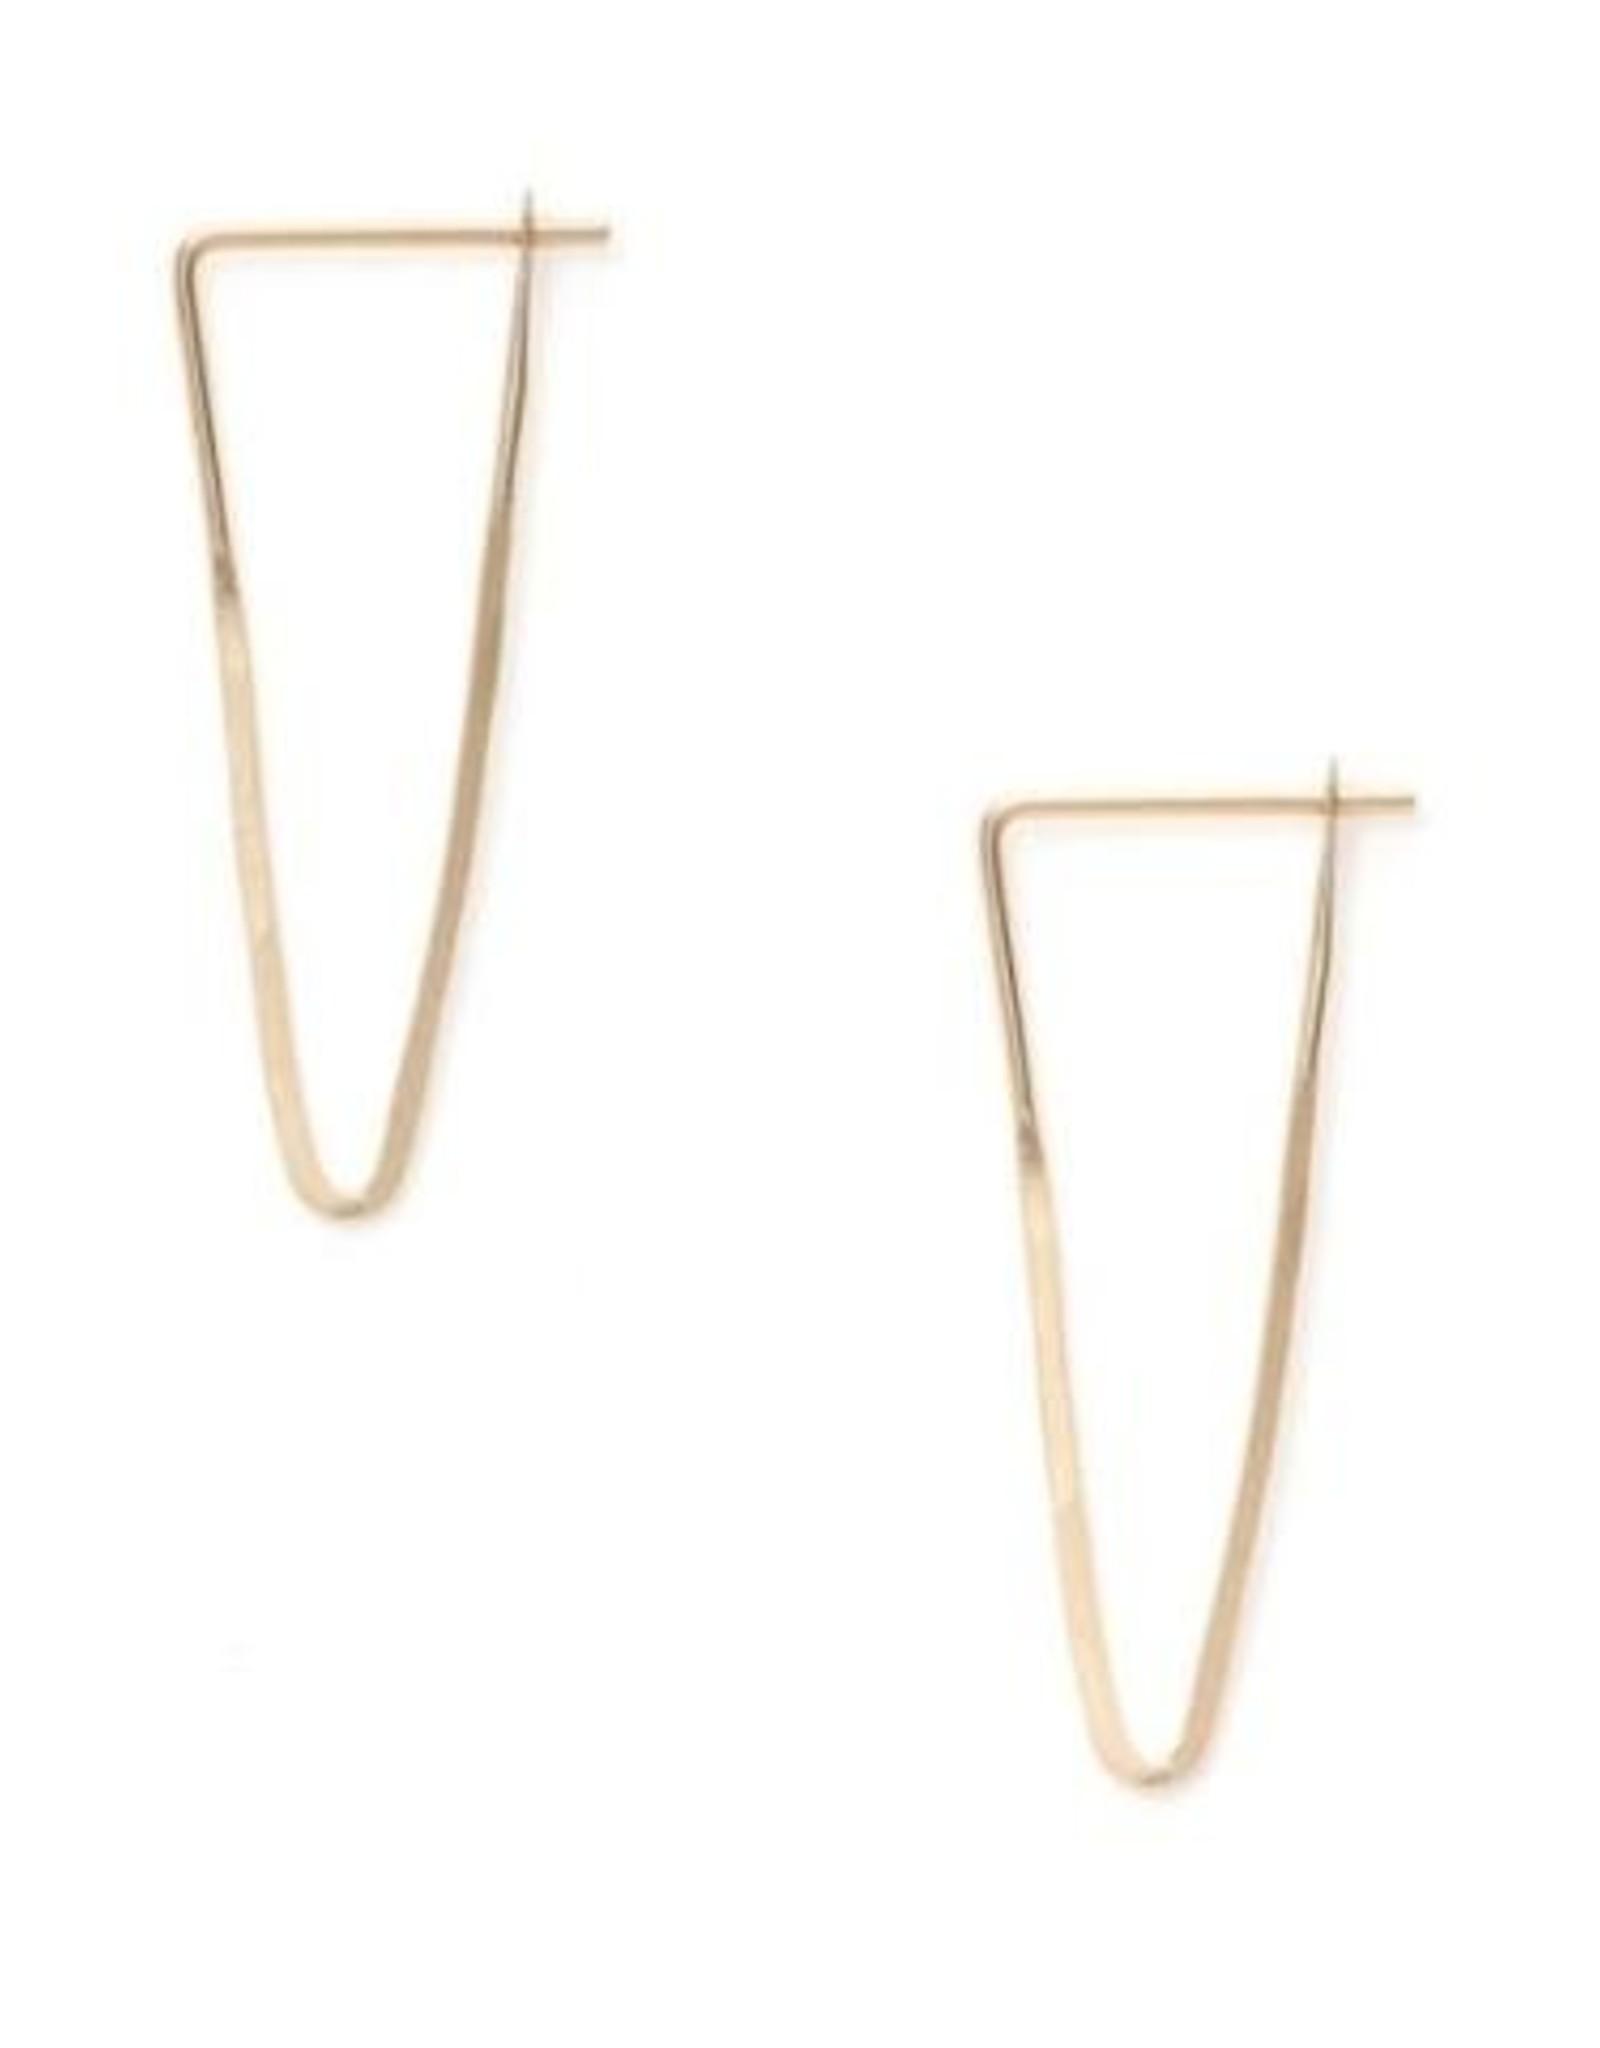 Satomi Studio Peak Hoop Earring - Small